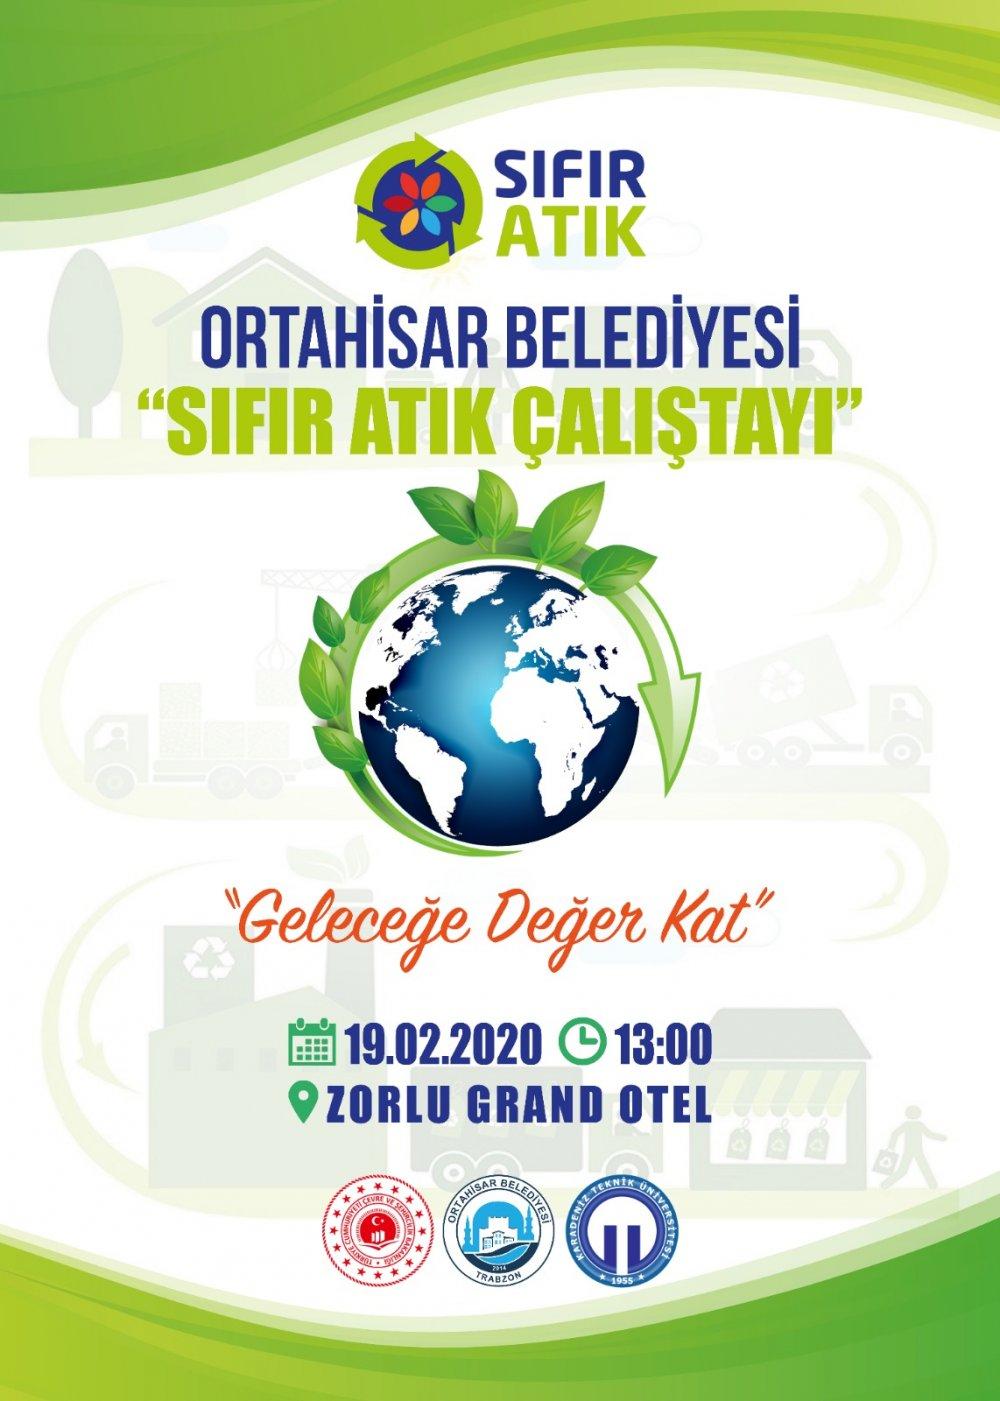 Trabzon'un atık sorunu masaya yatırılacak!